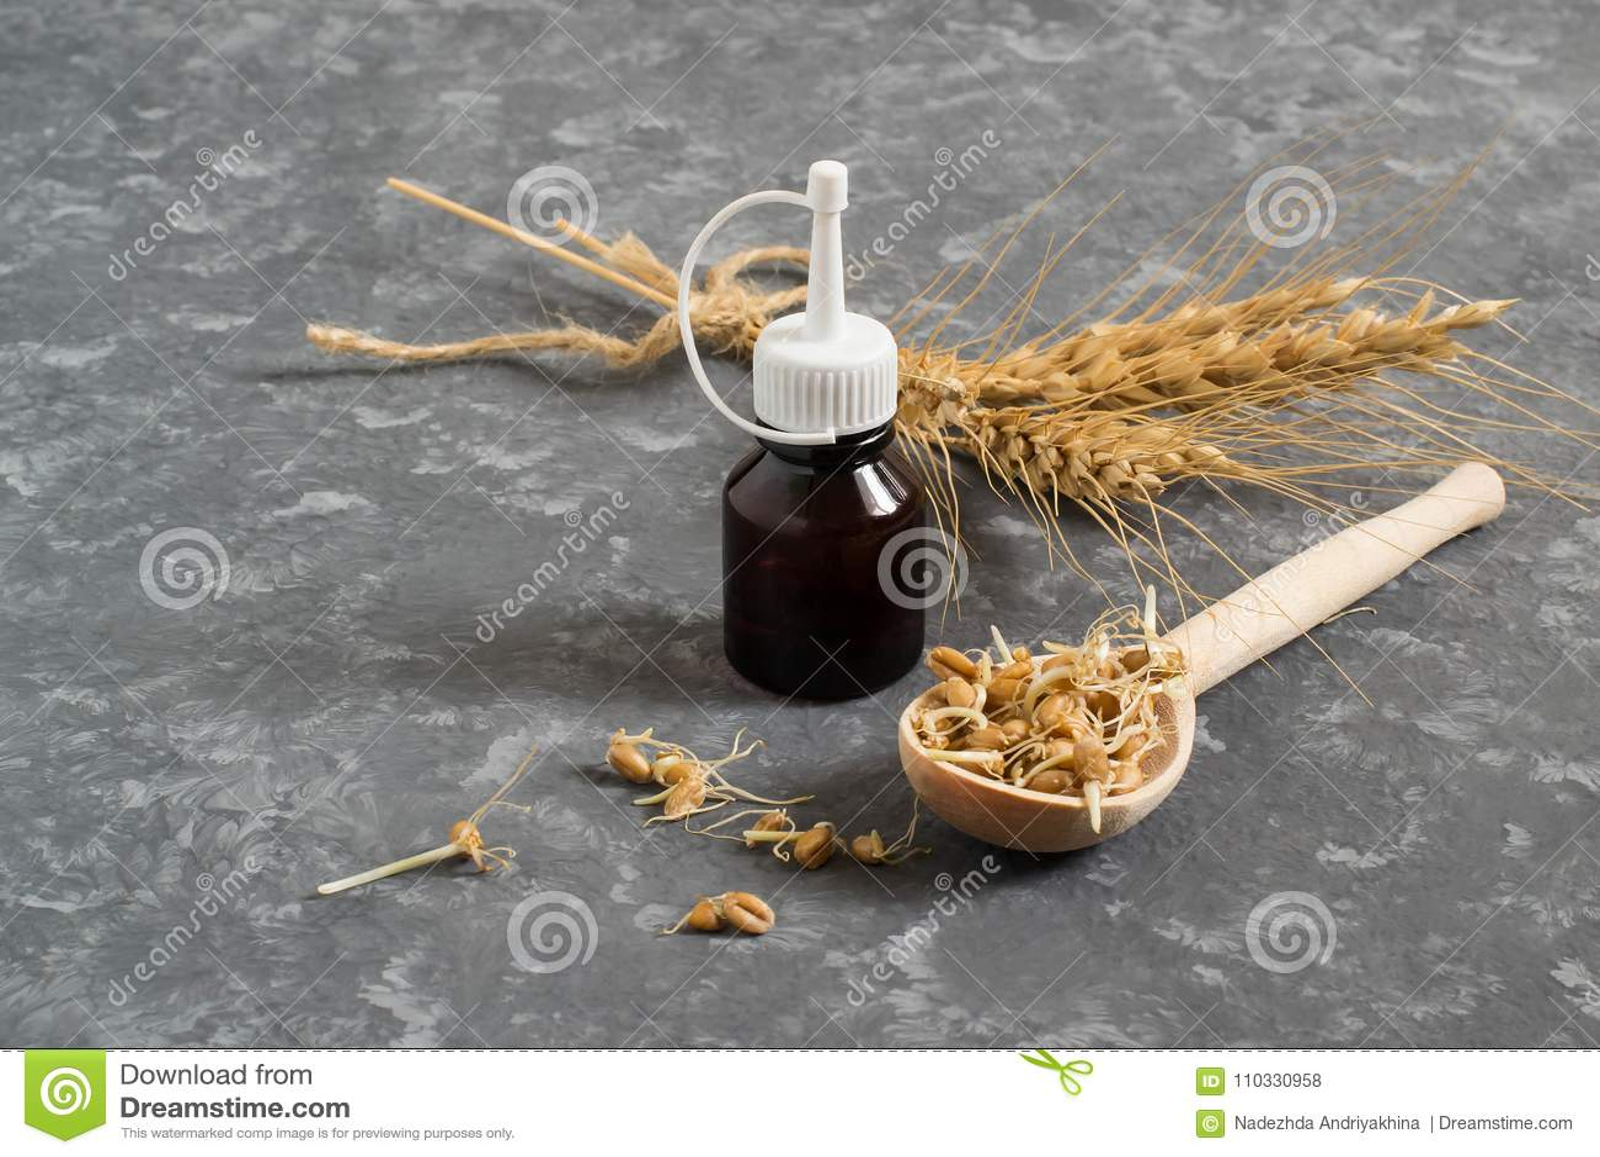 Frische gekeimte Weizensamen und Weizenkeimöl